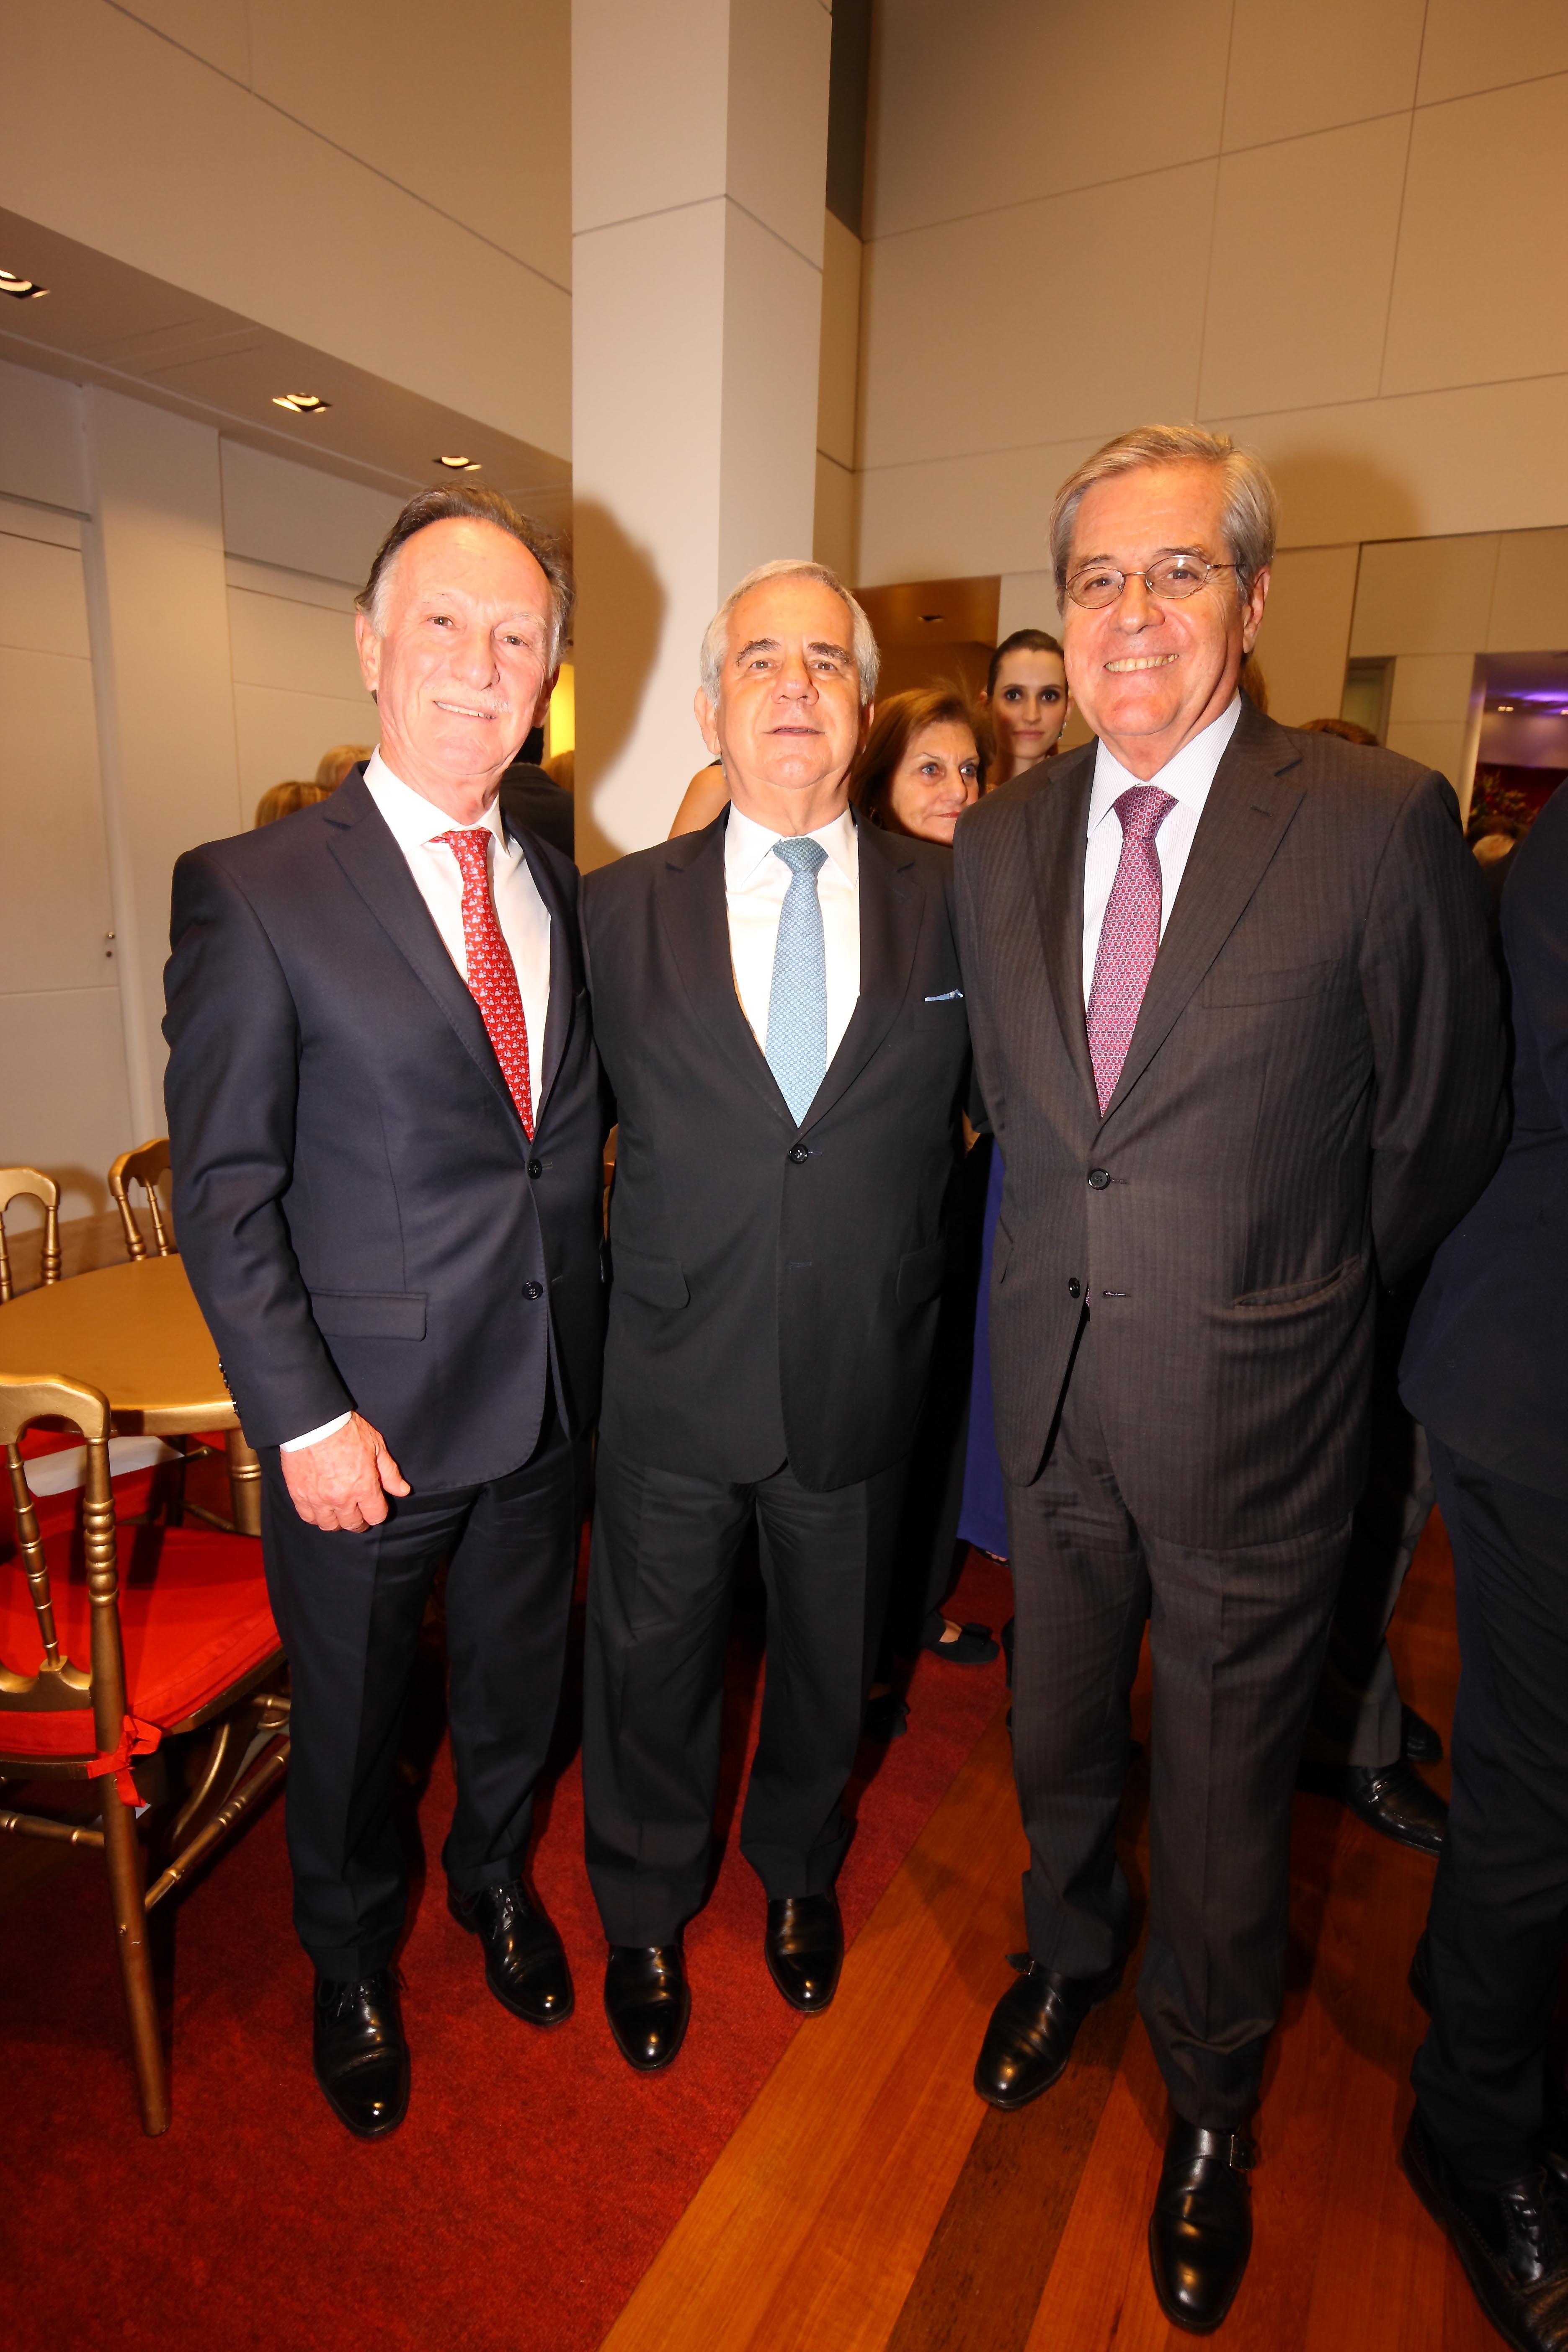 El empresario Gustavo Weiss, el cardiólogo Pablo Boskis y el abogado Luis Alberto Erize